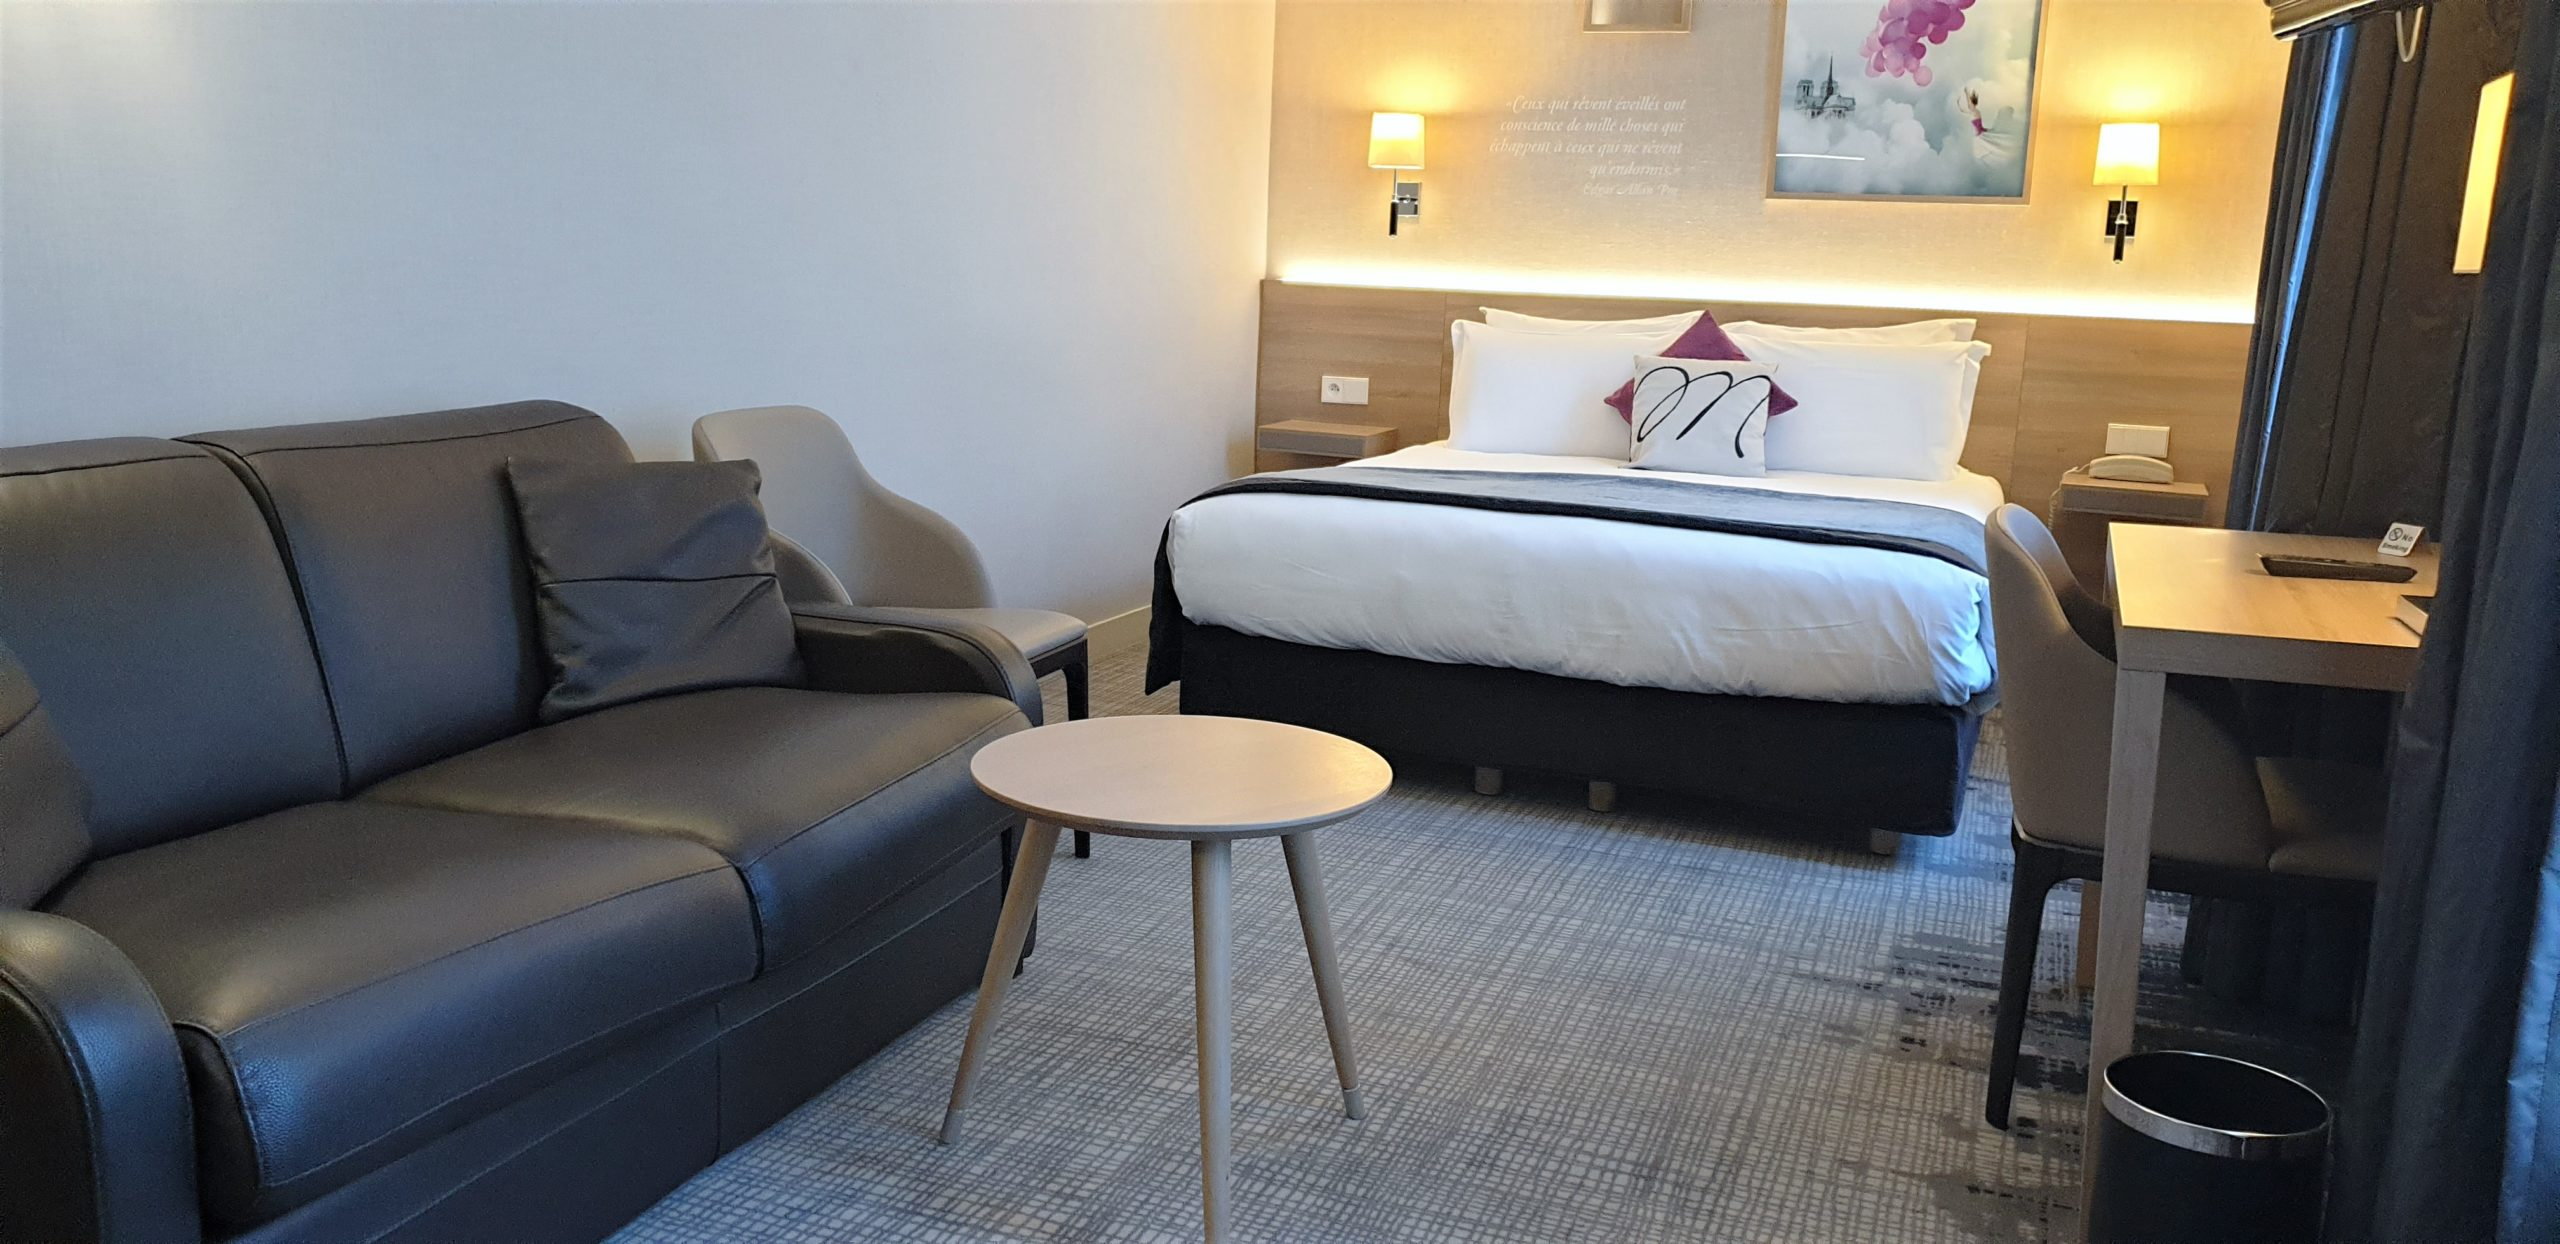 Junior suite - hôtel magda champs-élysées (3)